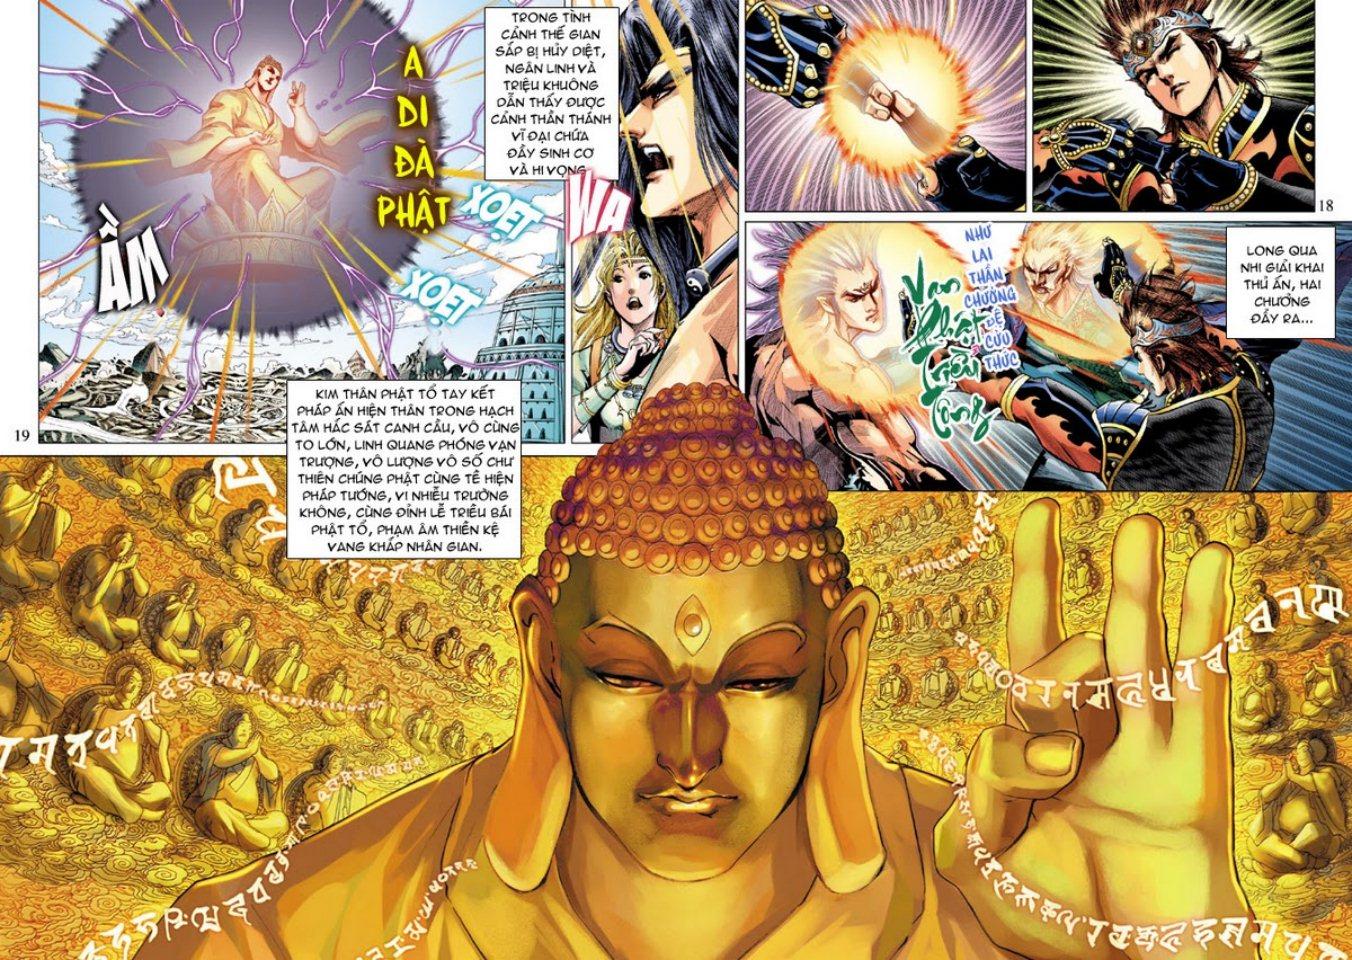 Thiên Tử Truyền Kỳ 5 - Như Lai Thần Chưởng chap 214 - Trang 18